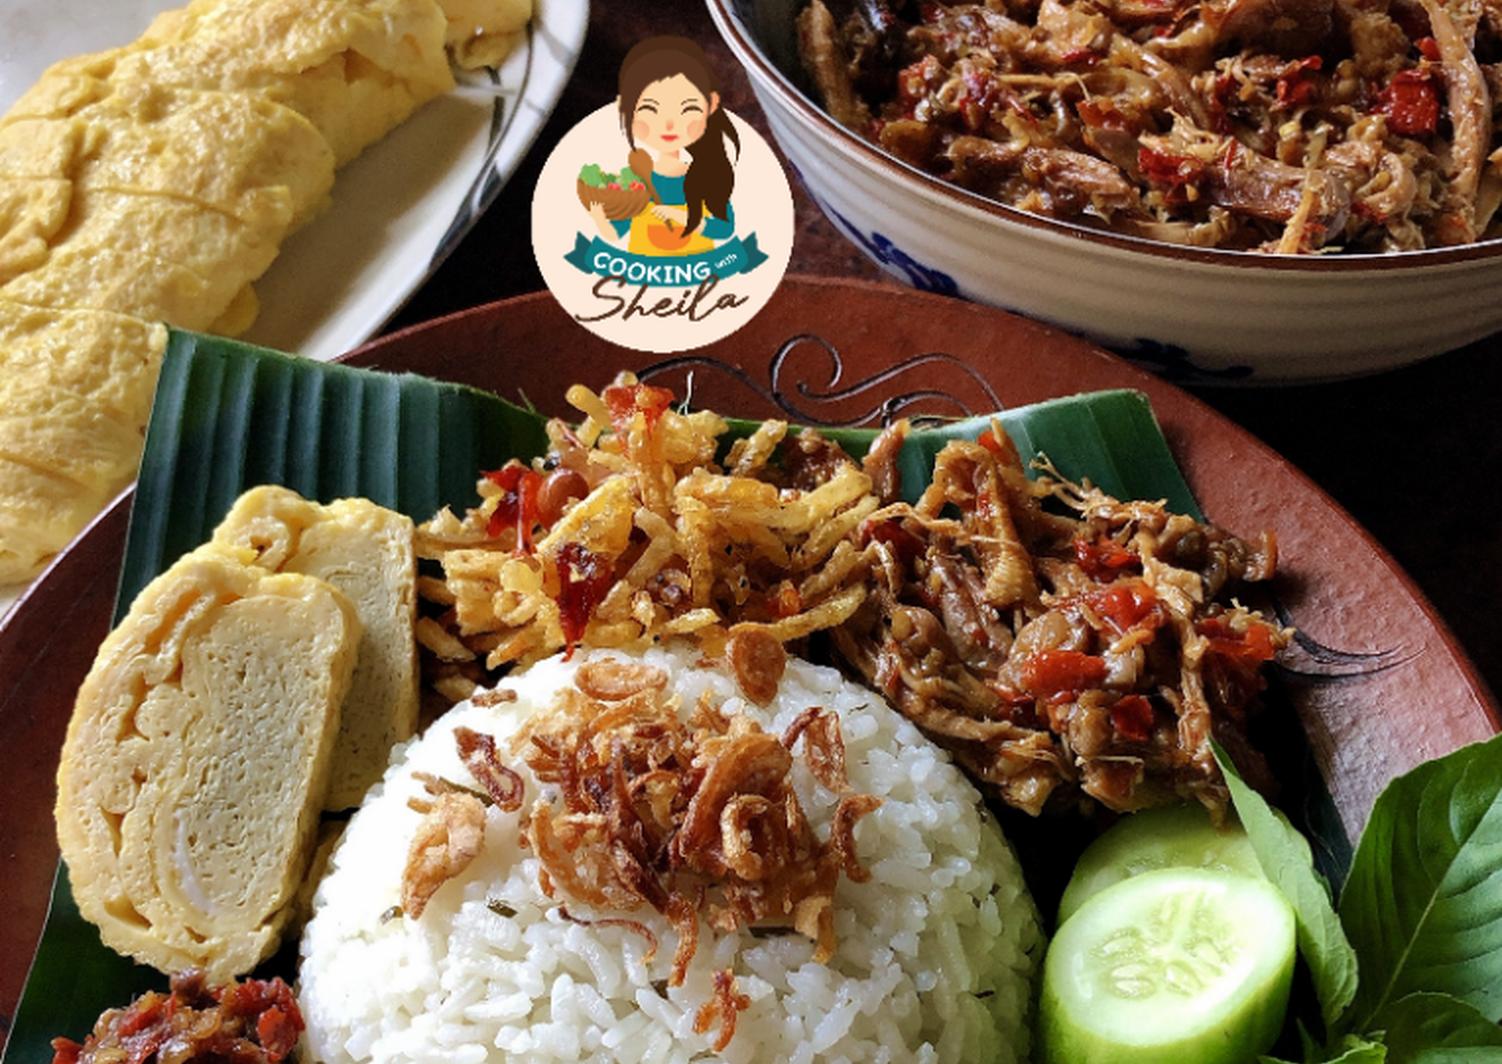 Resep Nasi Daun Jeruk Rice Cooker Oleh Cooking With Sheila Resep Memasak Piring Datar Ayam Goreng